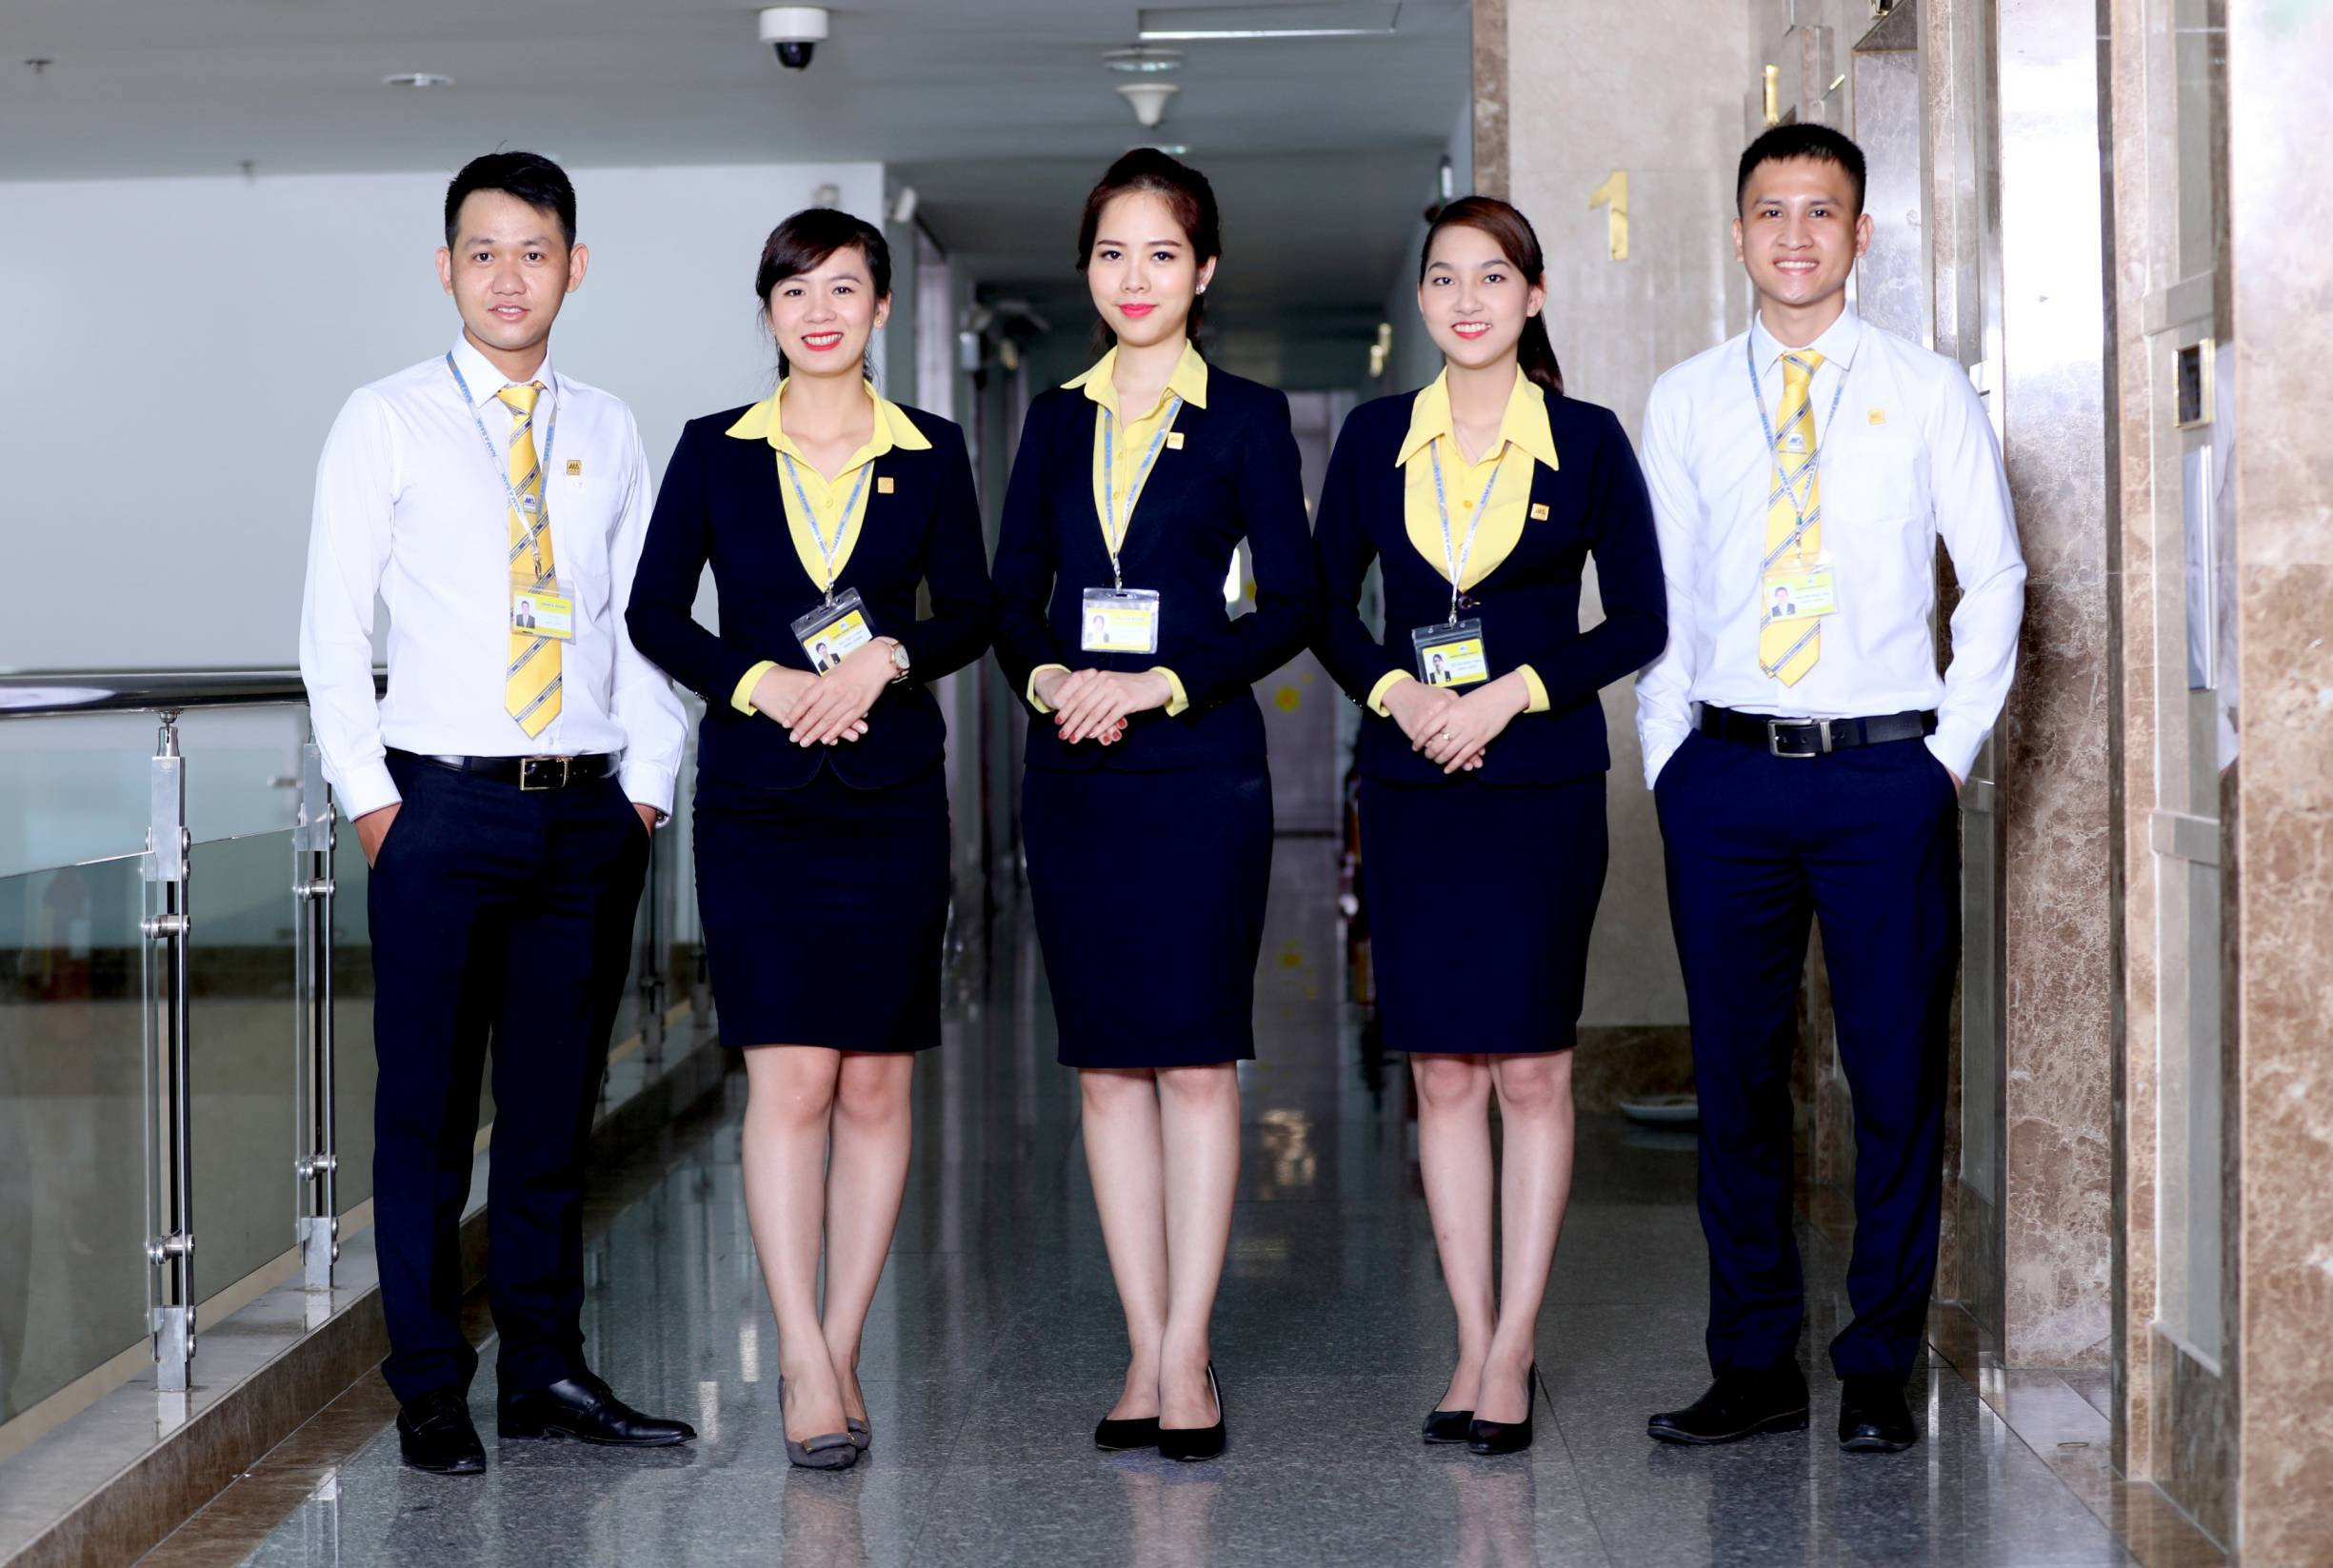 đồng phục nhân viên lễ tân khách sạn